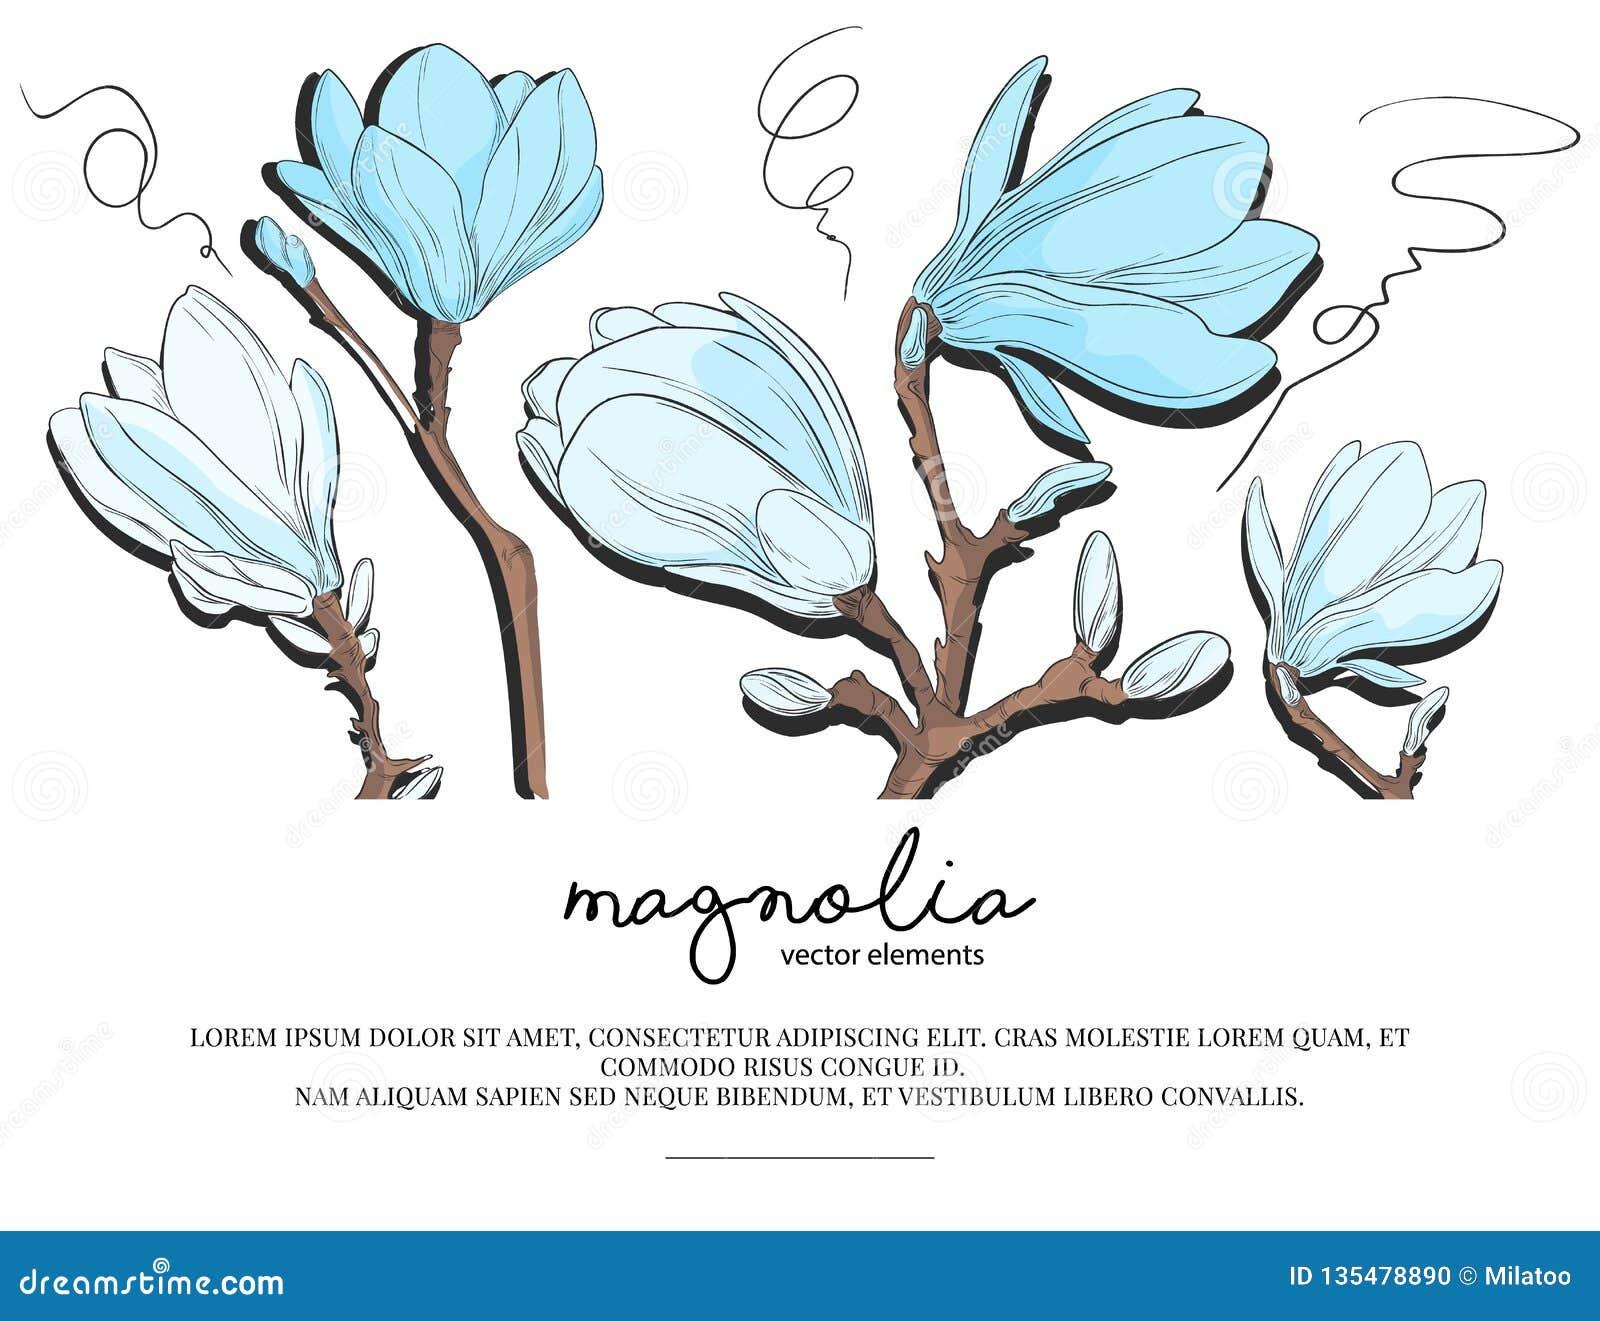 Diseño floral de la plantilla de la tarjeta de la invitación que se casa con las flores blancas y azules de la magnolia Diseño de